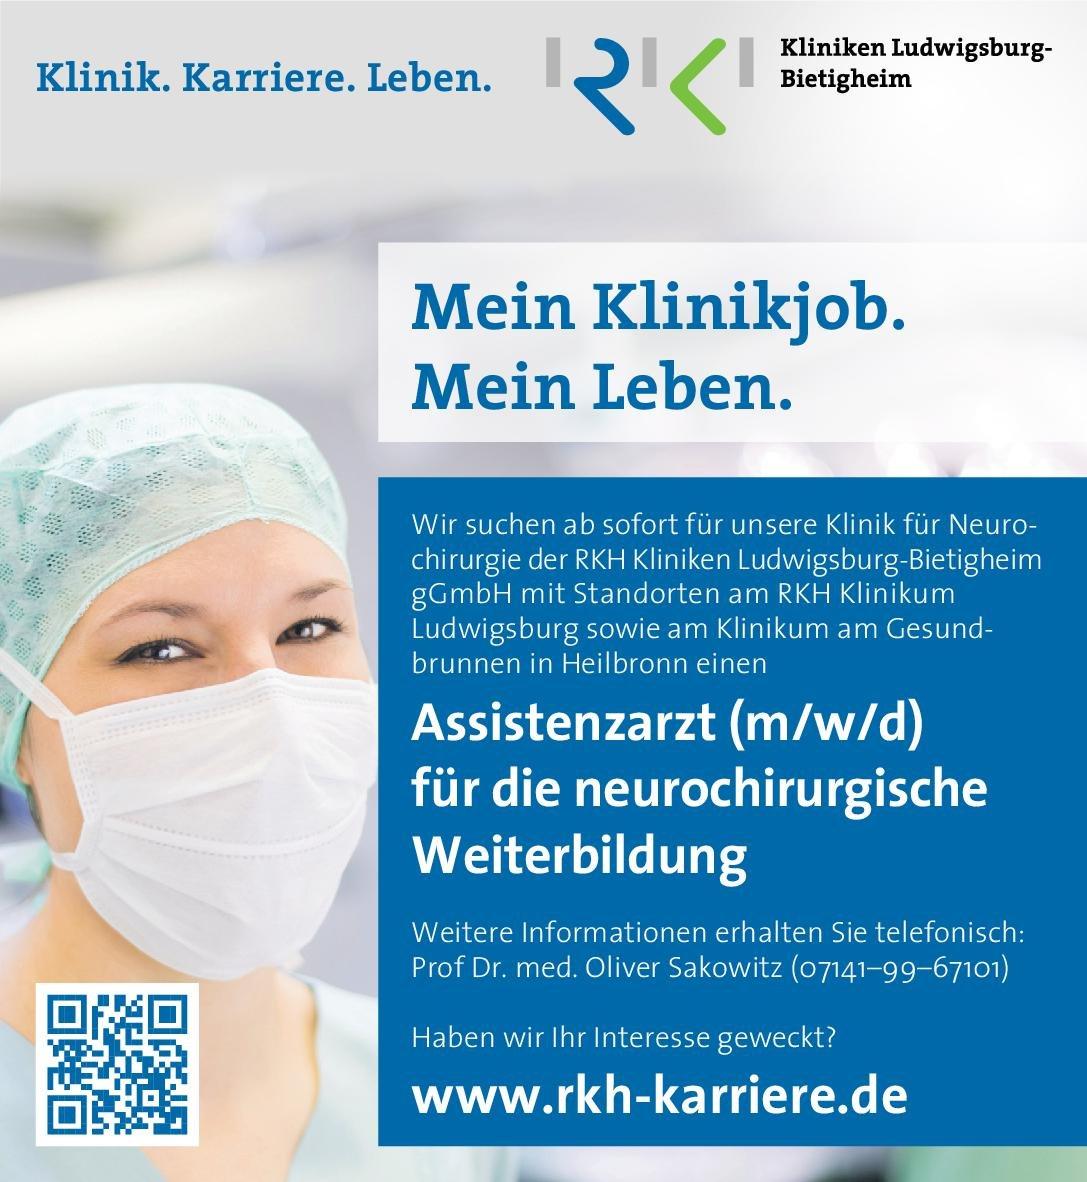 Kliniken Ludwigsburg-Bietigheim Assistenzarzt (m/w/d) für die neurochirurgische Weiterbildung Neurochirurgie Assistenzarzt / Arzt in Weiterbildung